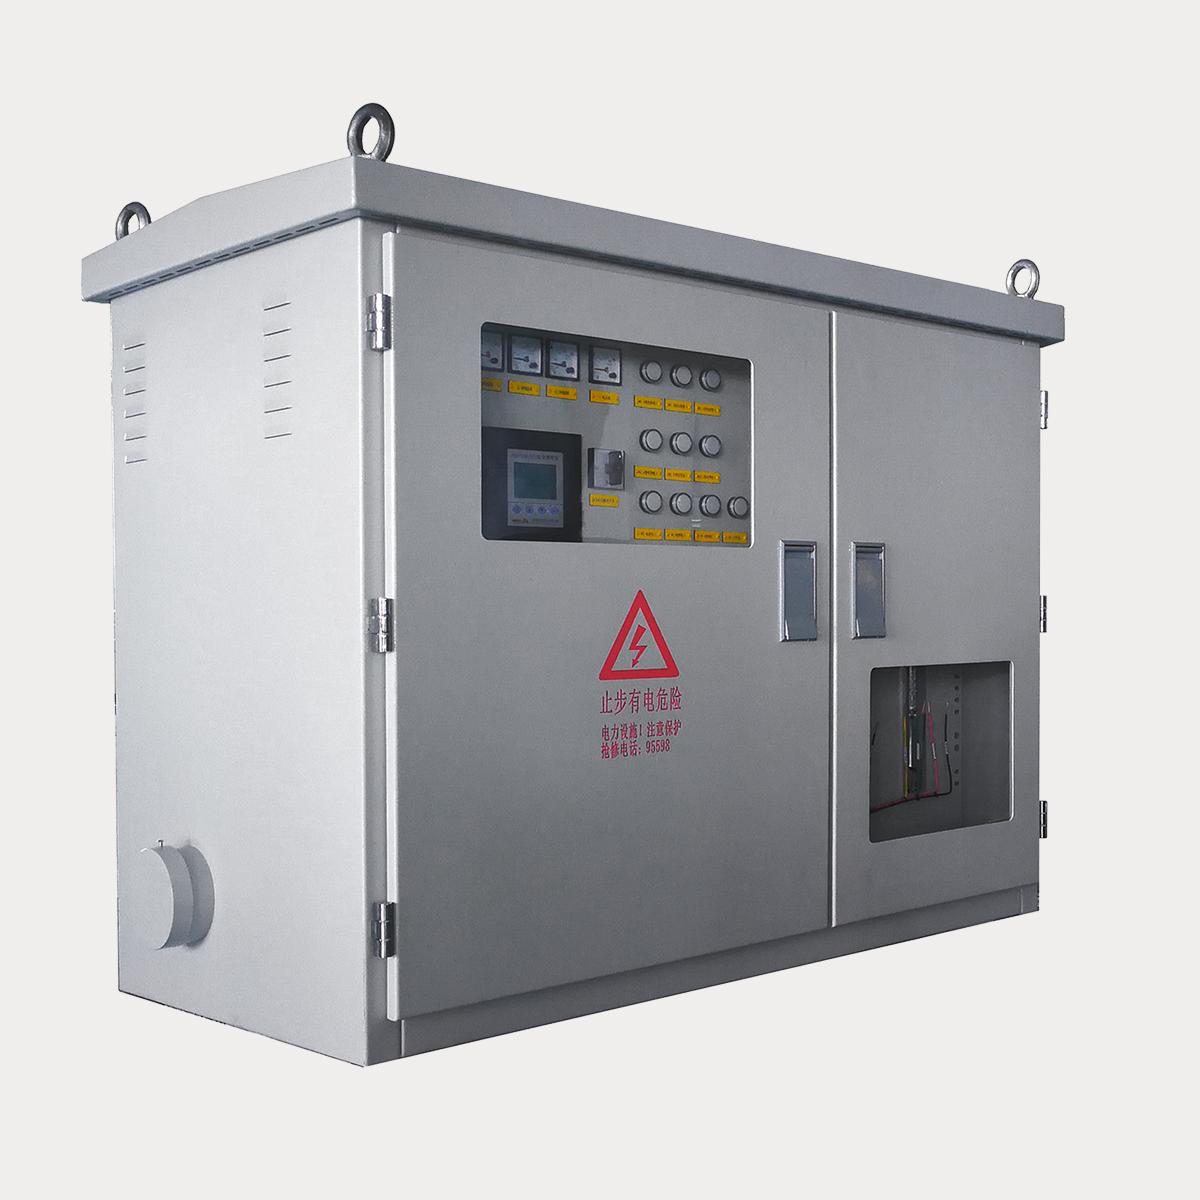 XL-21系列智能低压综合配电箱(变压器配电箱)